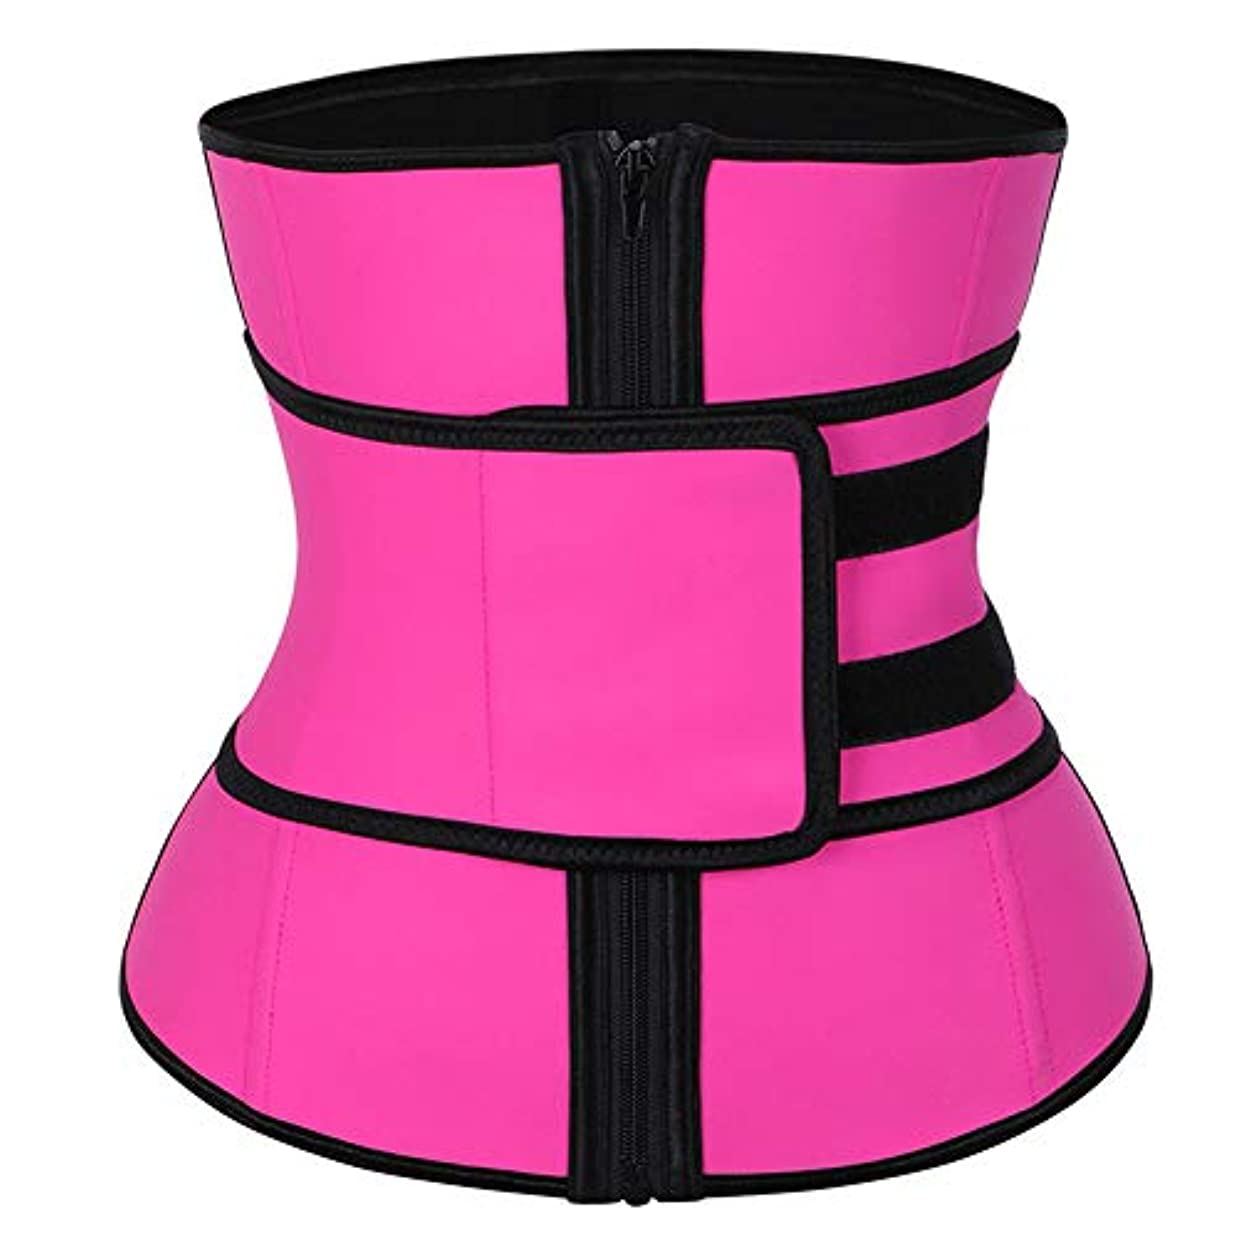 軌道アームストロング混乱させる女性のウエストトレーニングコルセットコルセットネオプレン付きジッパーウエストスリムベルトラテックスラテックス通気性ウエストボディシェイプ,Pink,XL